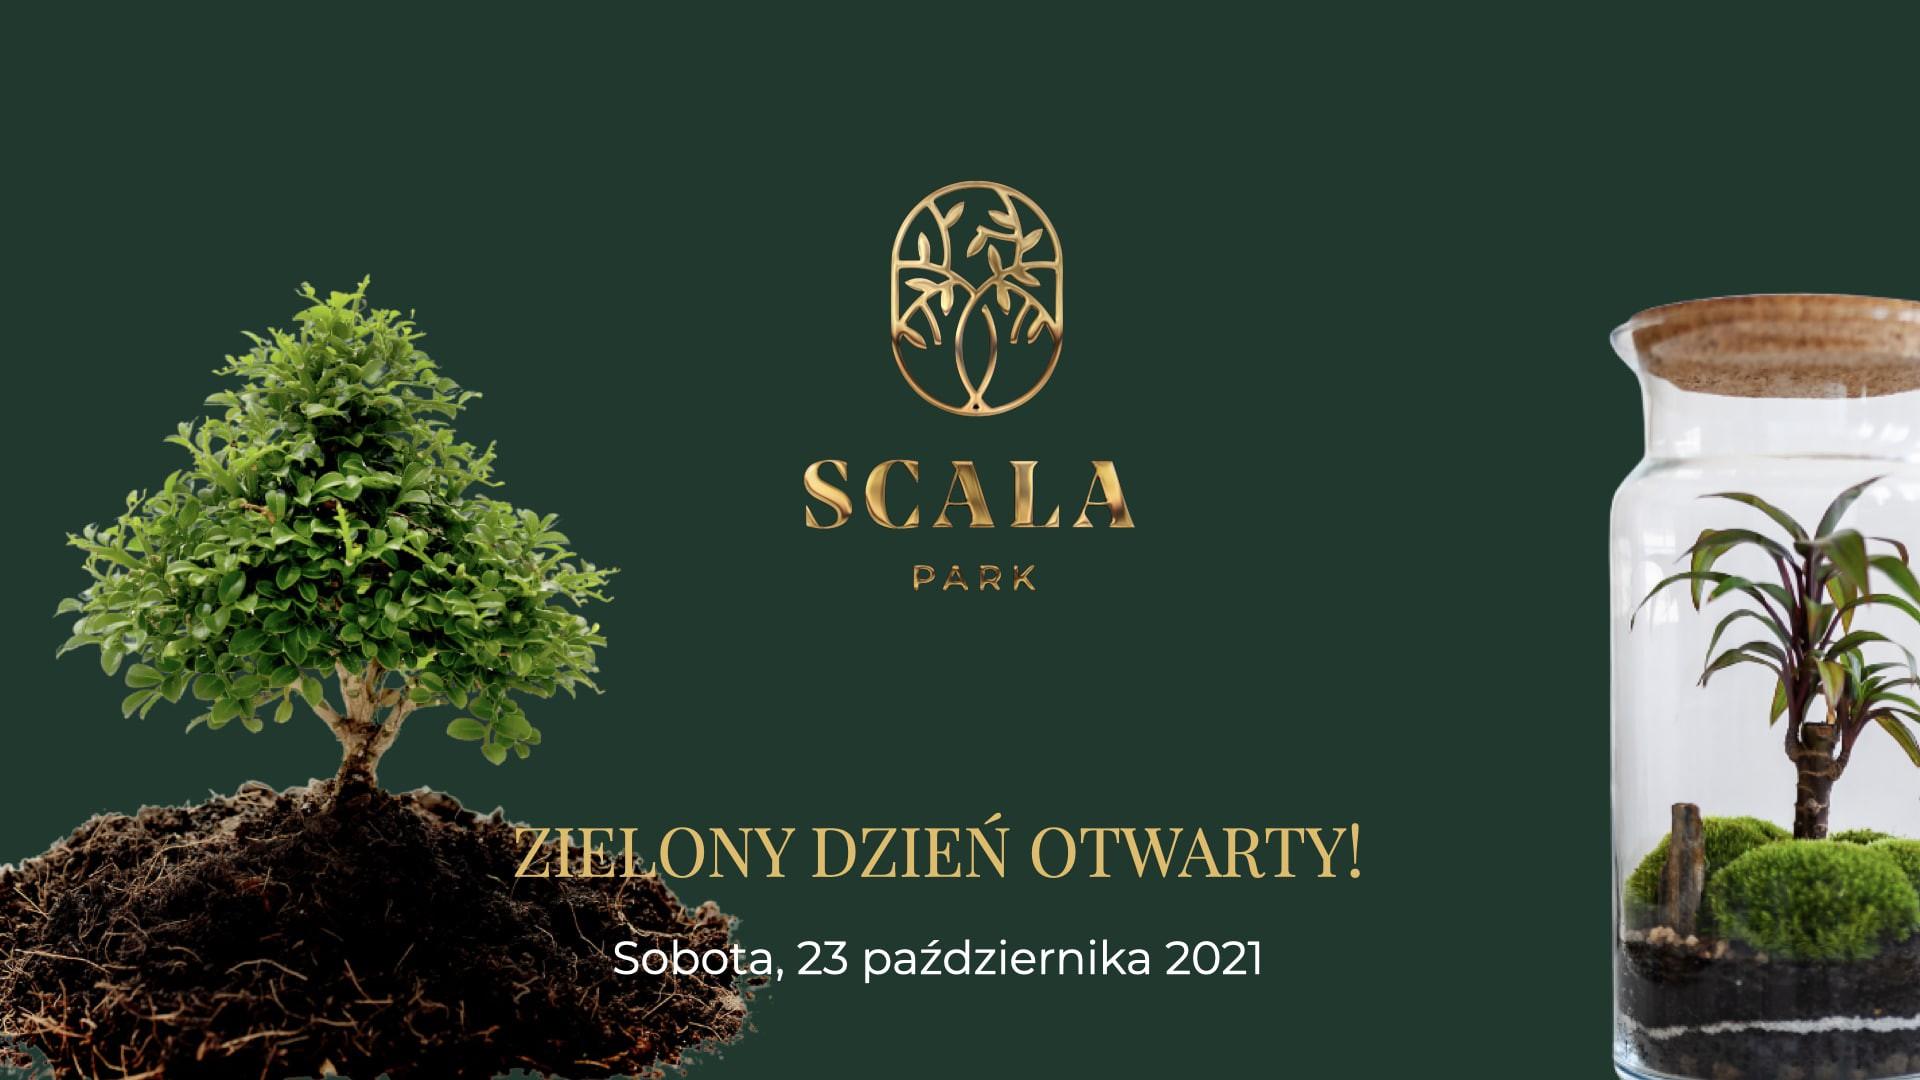 Zielony Dzień Otwarty SCALA PARK - sobota - 23.10.21 r